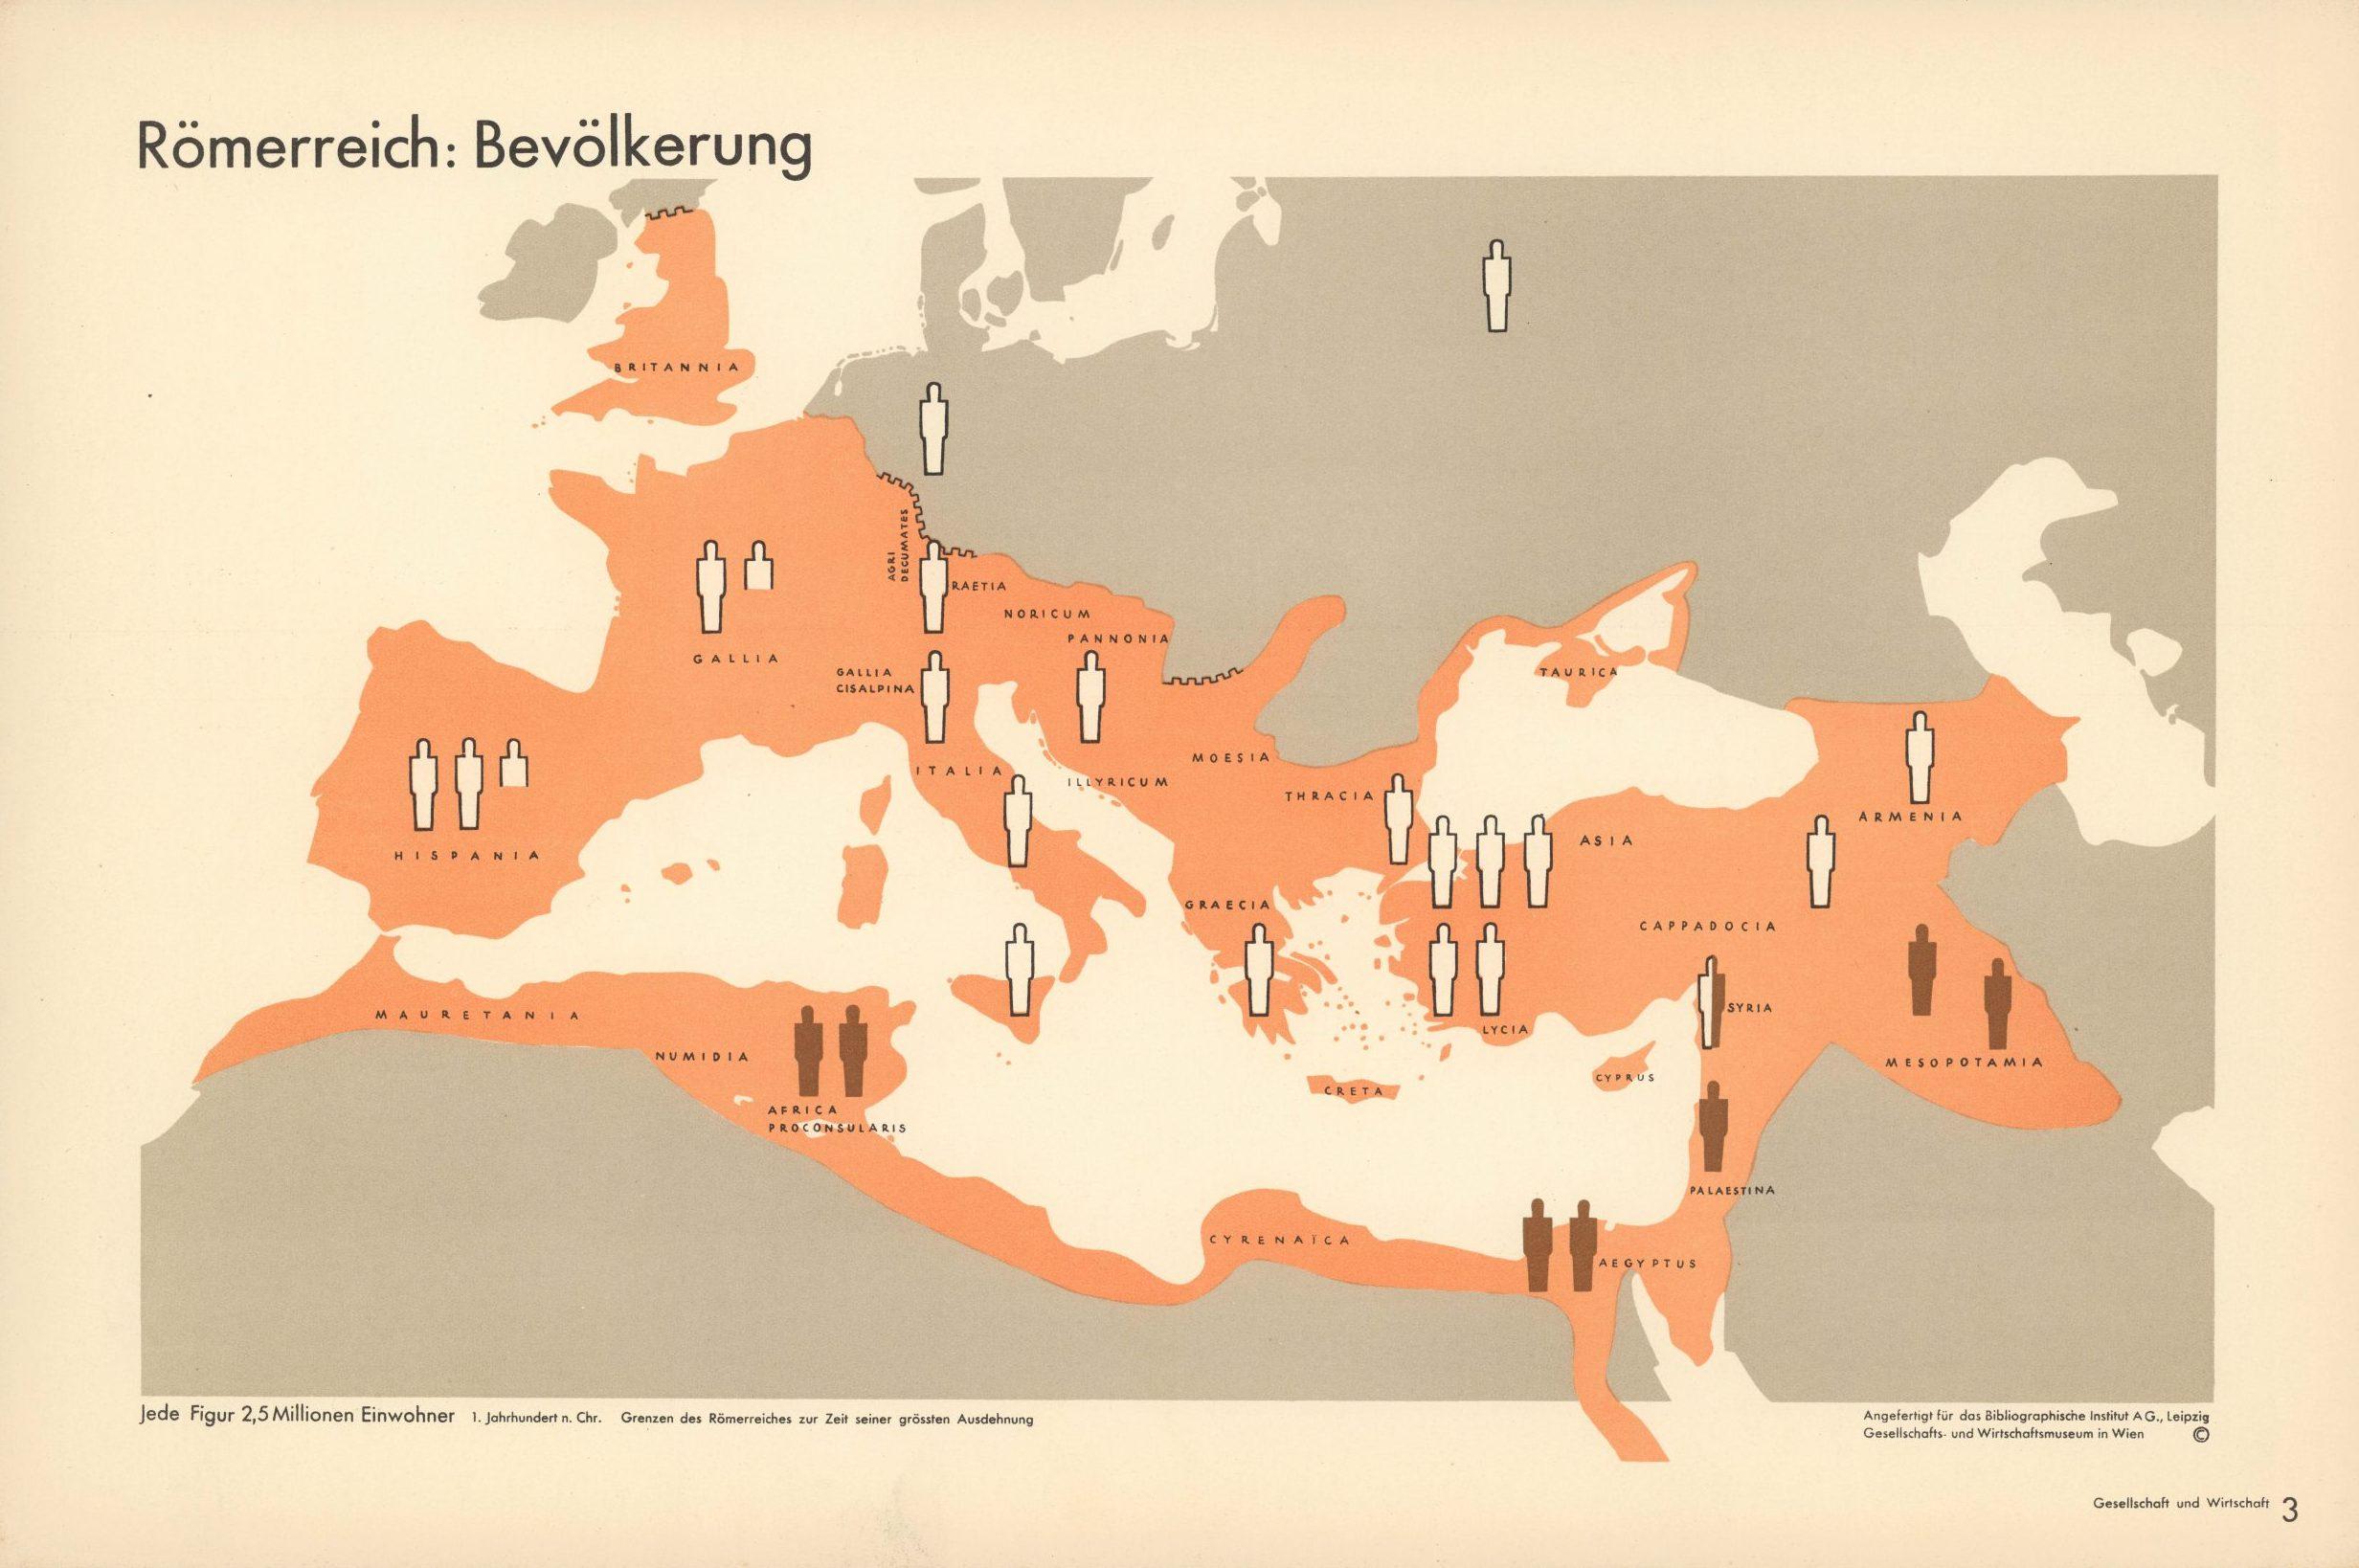 Römerreich: Bevölkerung. (Roman Empire: population) Isotype